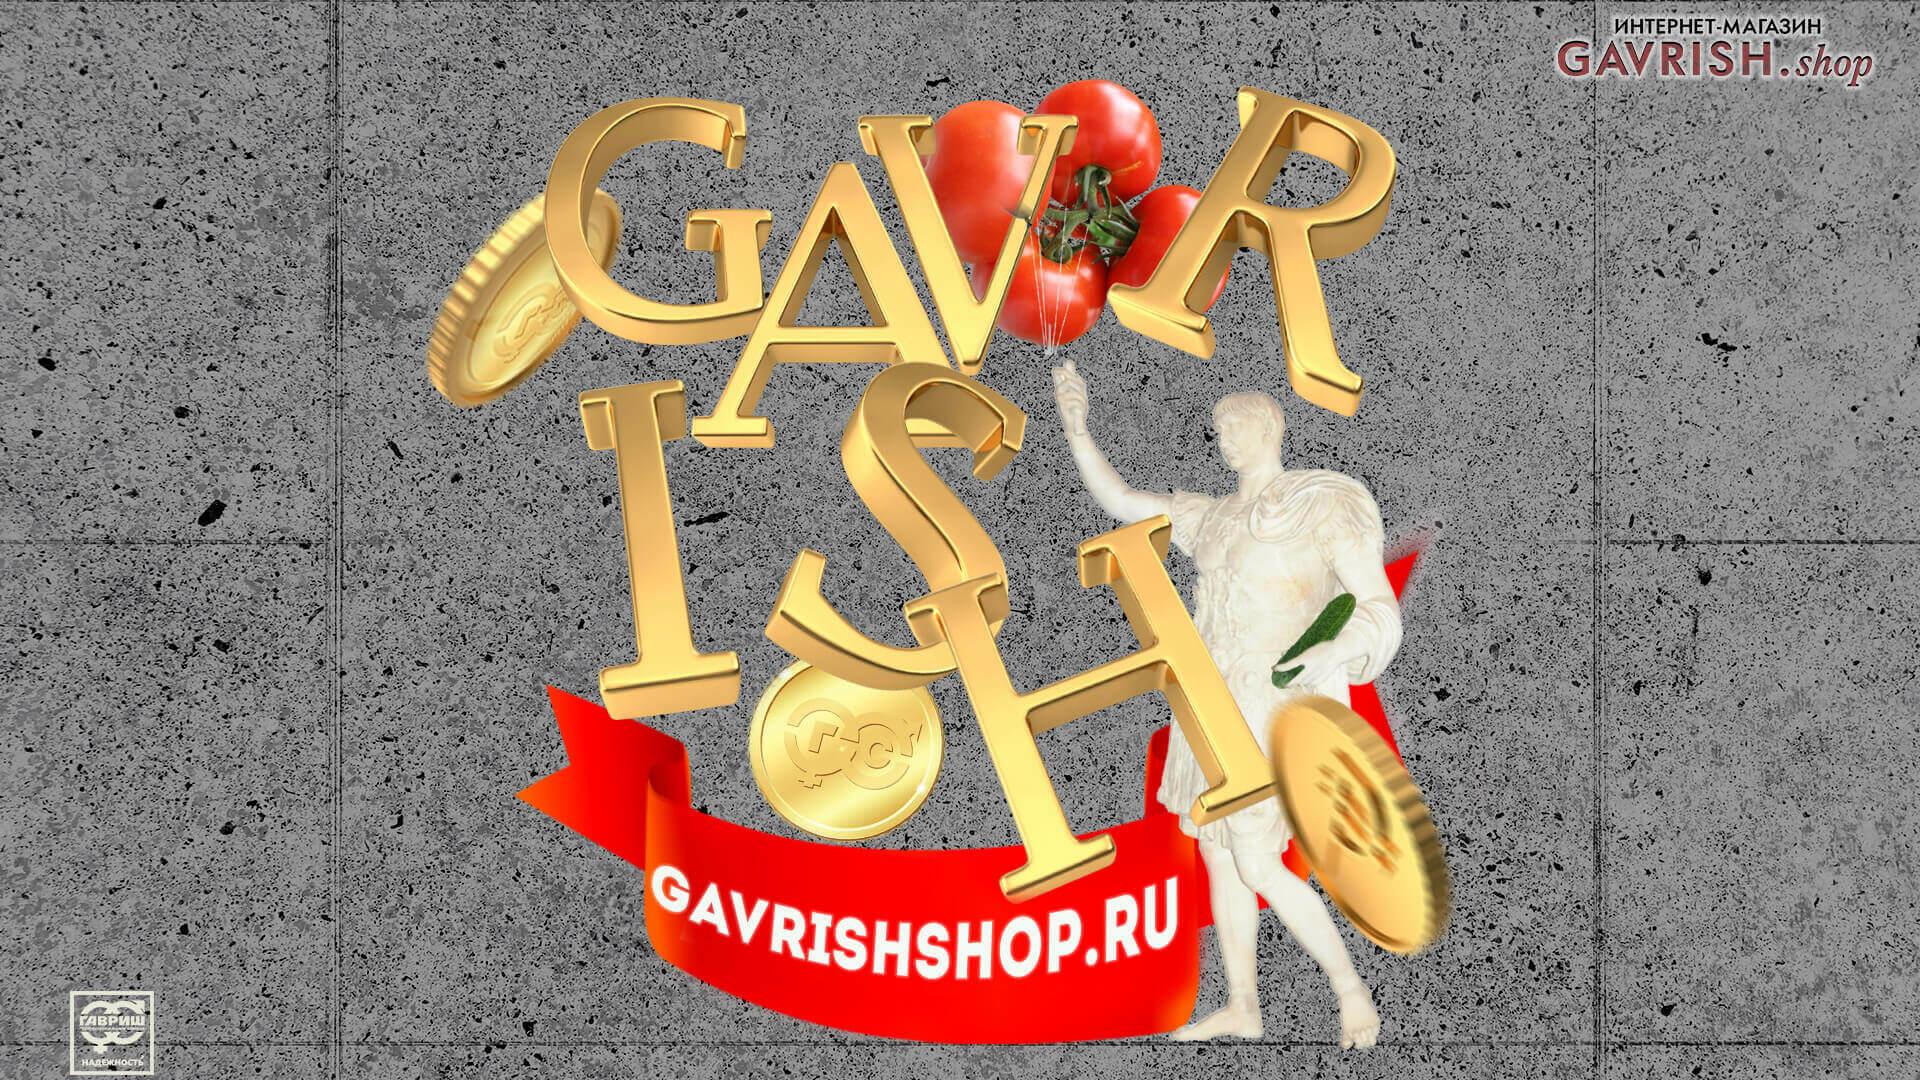 Почта РФ Ноябрь